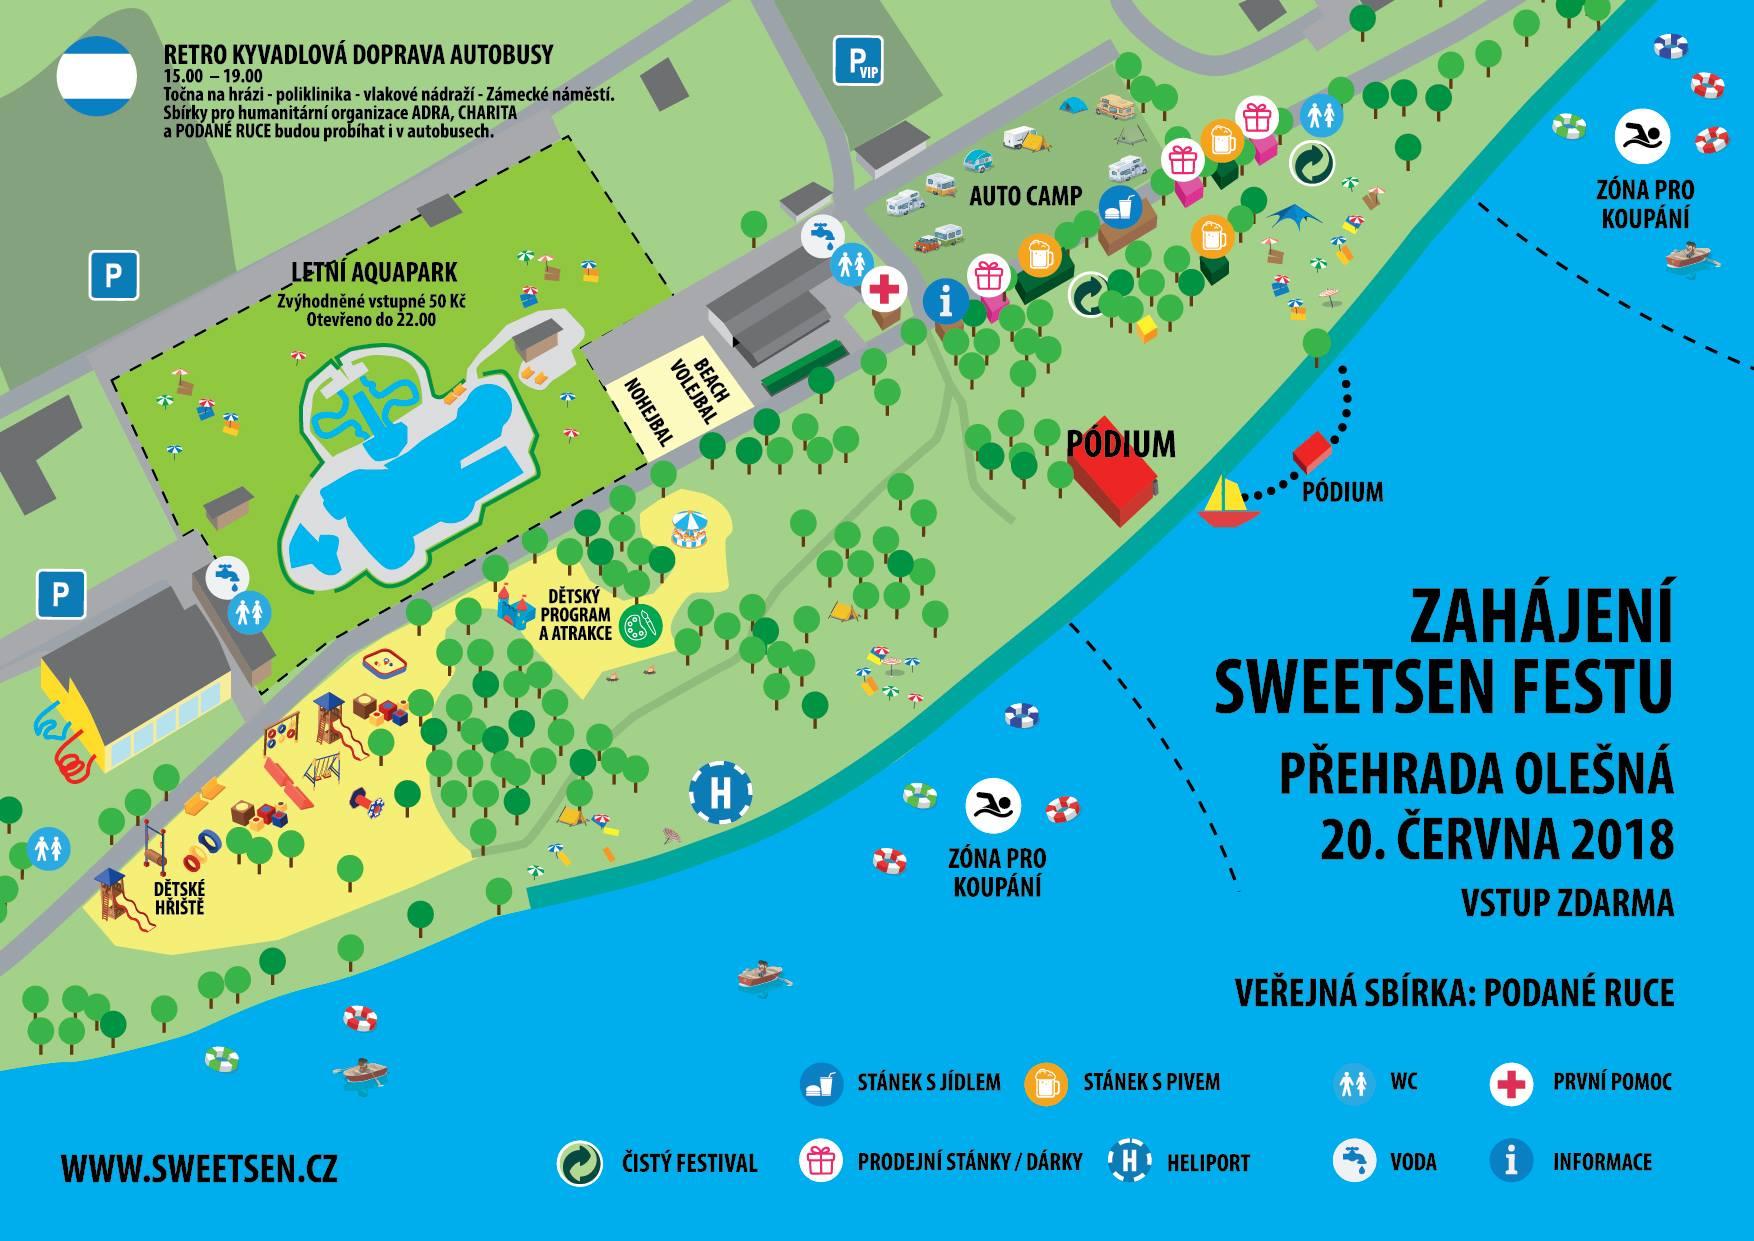 Sweetsen Fest